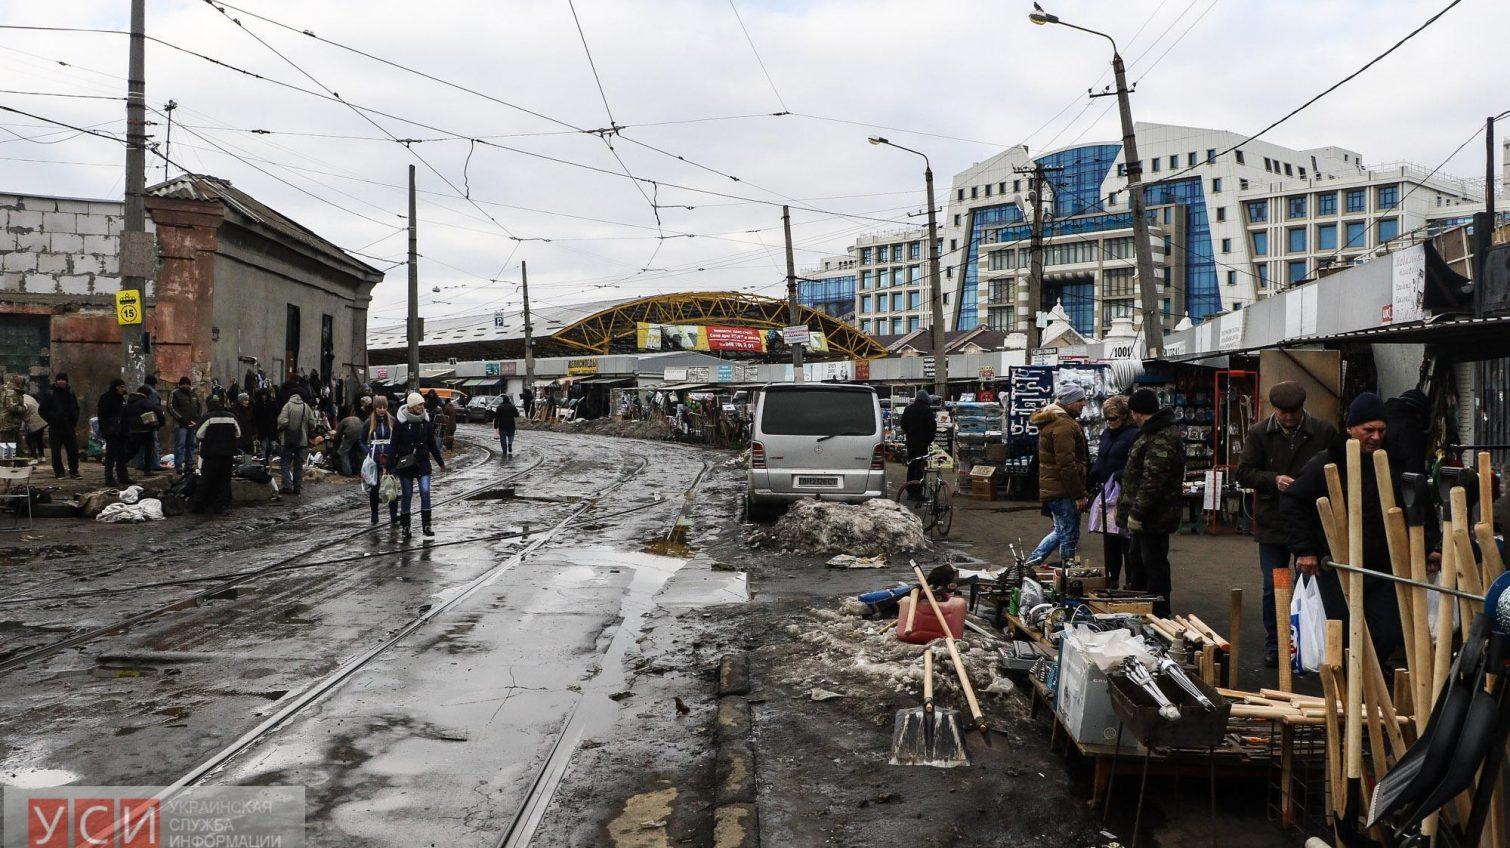 Тендер по ремонту Новощепного ряда проведут повторно: для «Ростдорстроя» ищут конкурентов «фото»